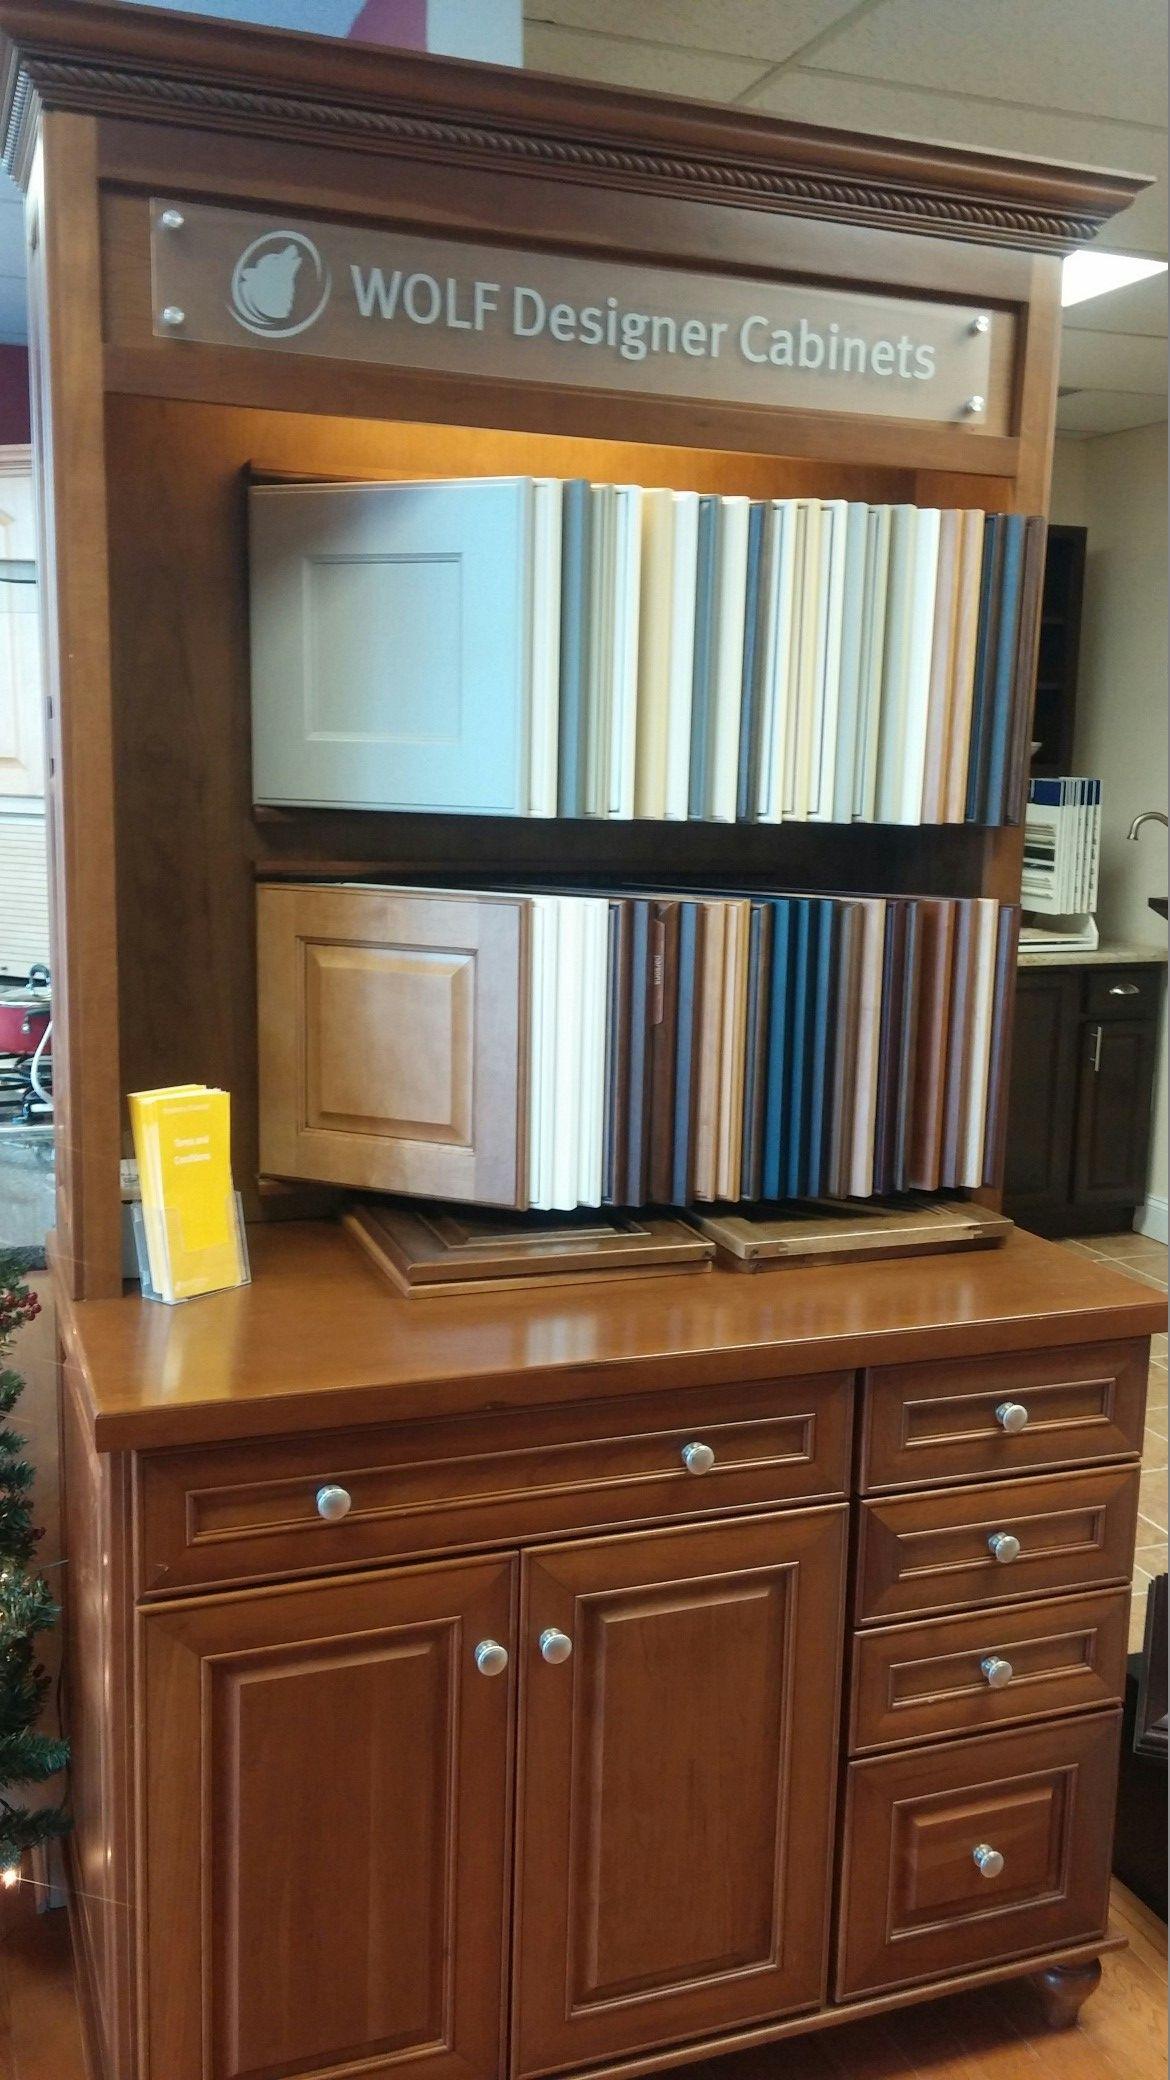 Wolf Designer Cabinets - Kitchen Cabinets